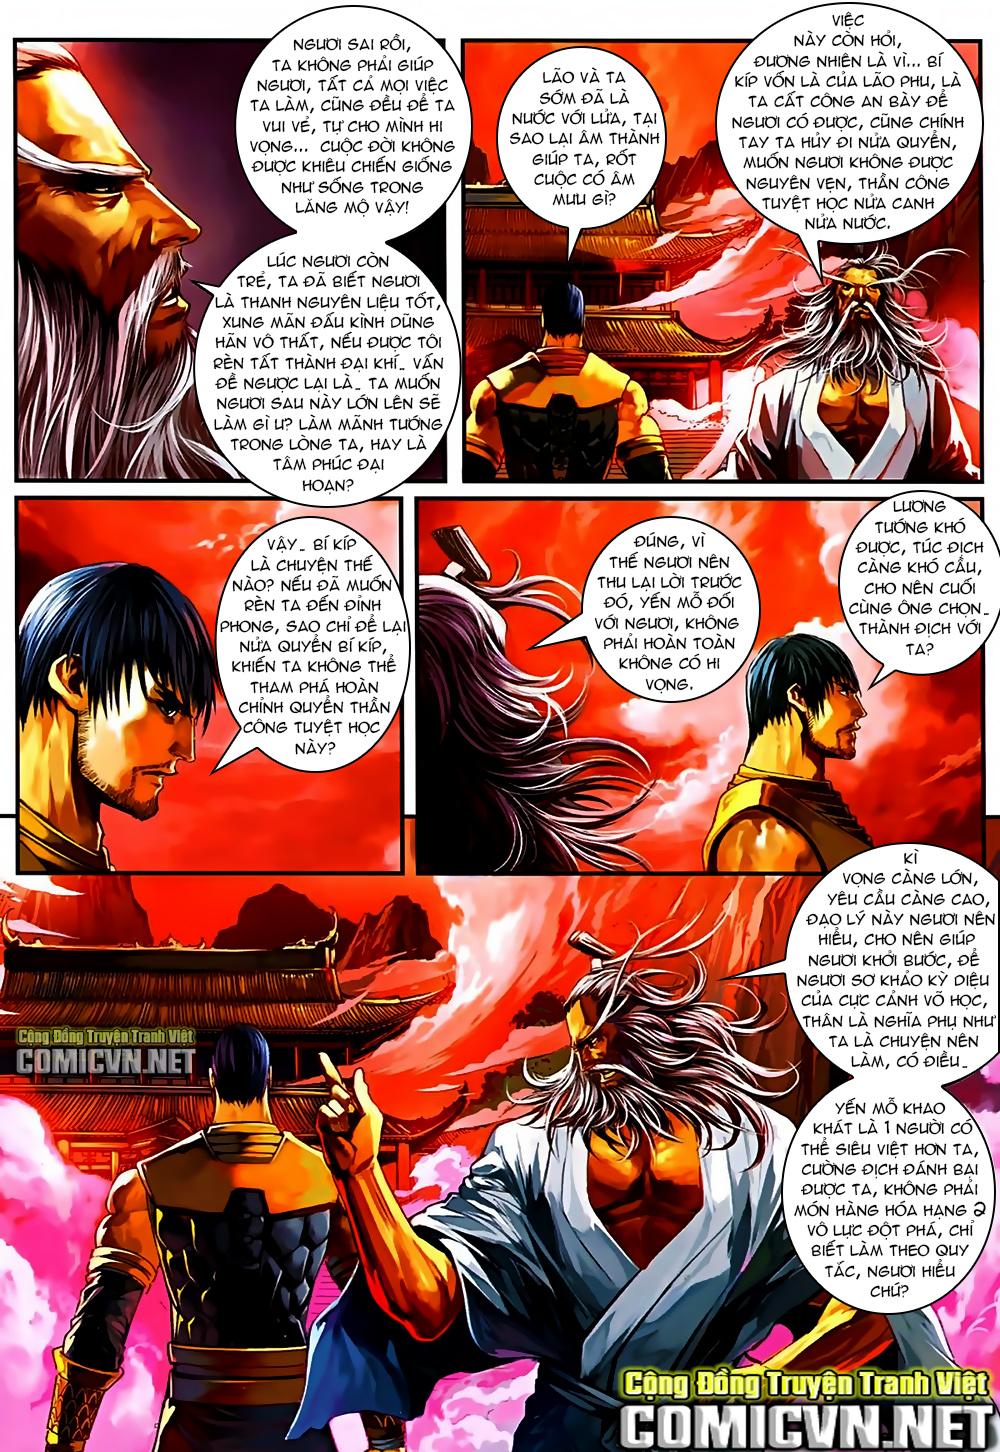 Ôn Thuỵ An Quần Hiệp Truyện Phần 2 chapter 37 trang 12